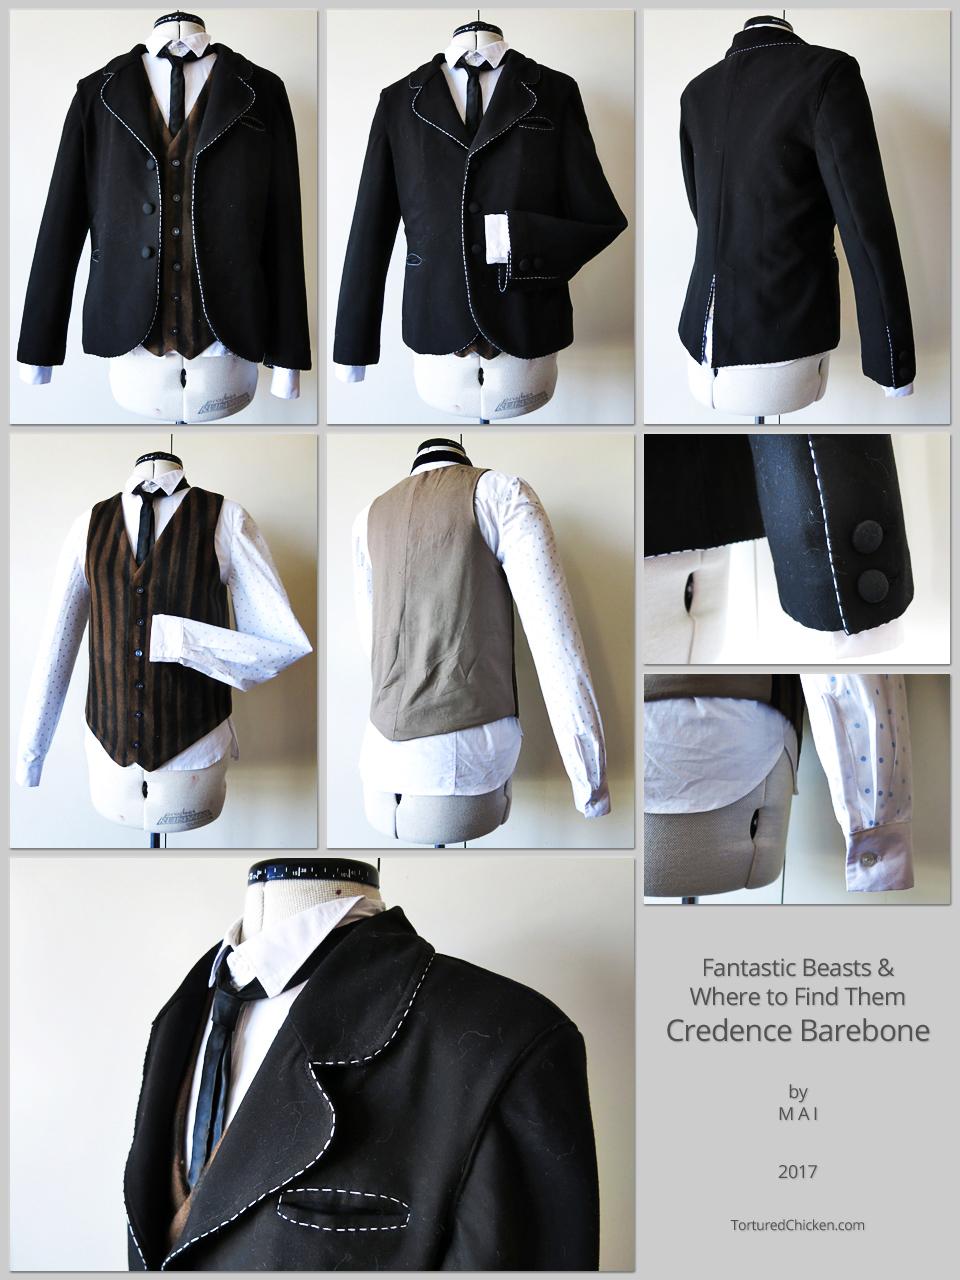 Credence Barebone